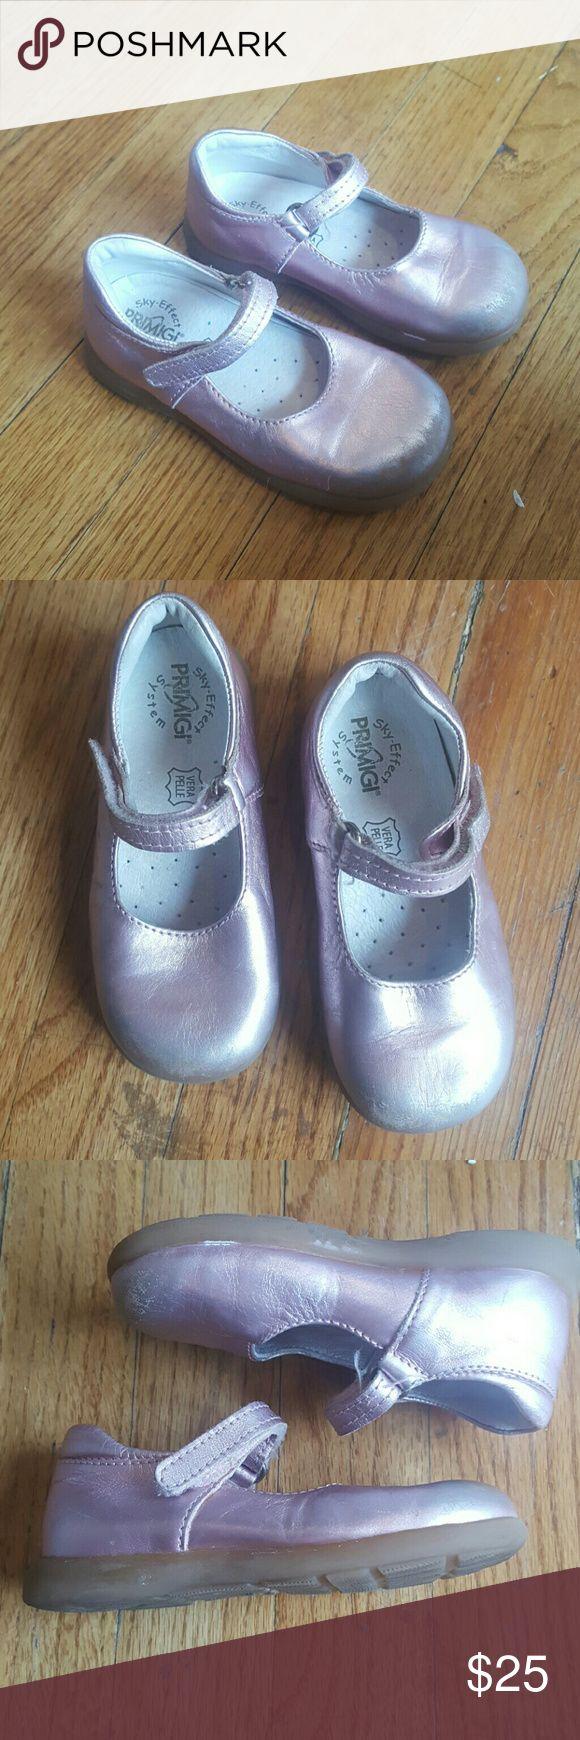 PRIMIGI BALLET FLAT KIDS M Primigi Sky effect Pink mary jane shoes Vera pelle Size 23 Primigi Shoes Dress Shoes